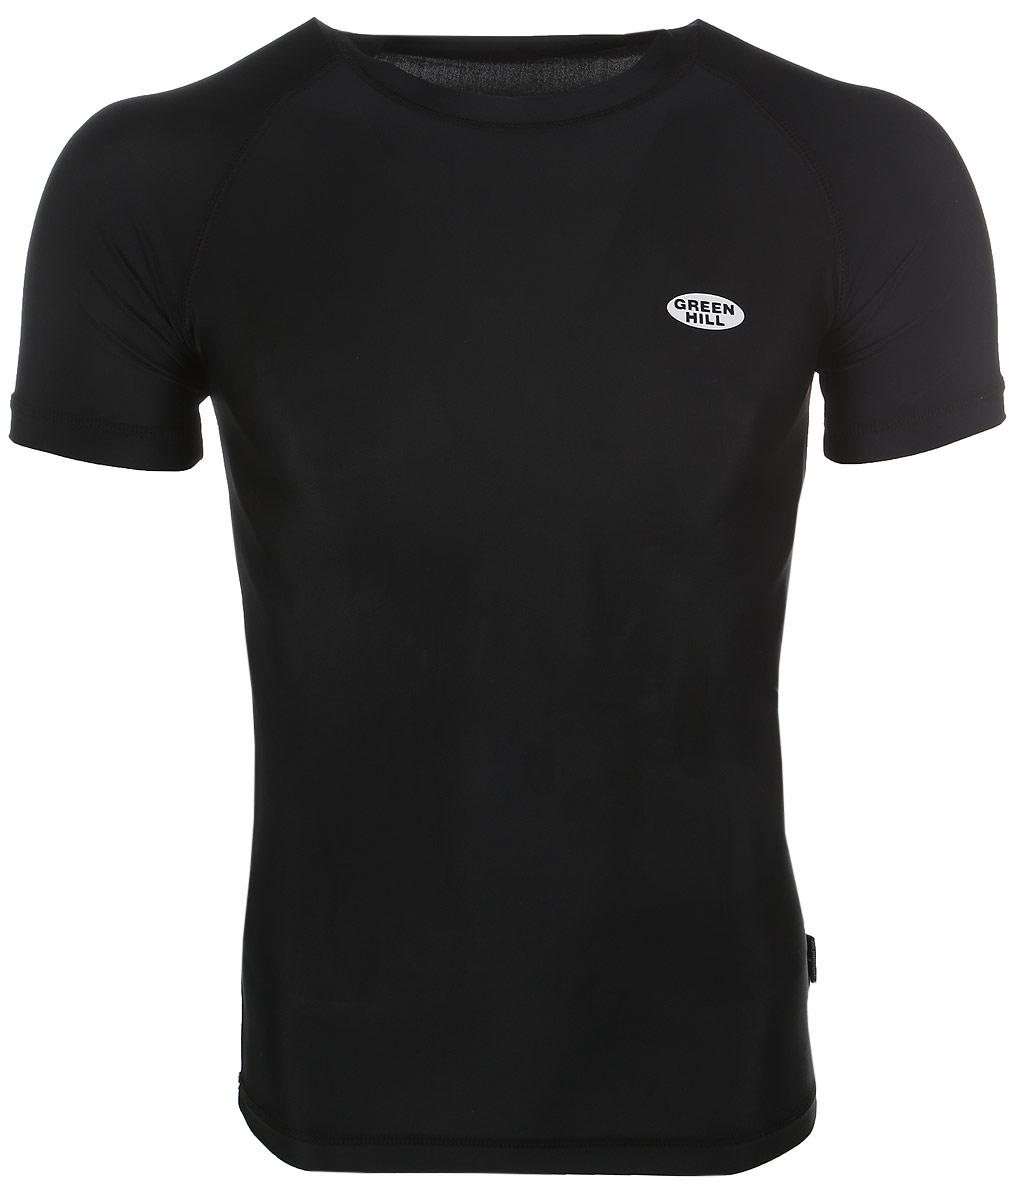 Защитная футболка Green Hill, цвет: черный. Размер XXL. RGS-3558RGS-3558Защитная футболка с логотипом дзюдо. Материал: полиэстер/лайкра. Размеры: Длина 74 см ширина 47 см